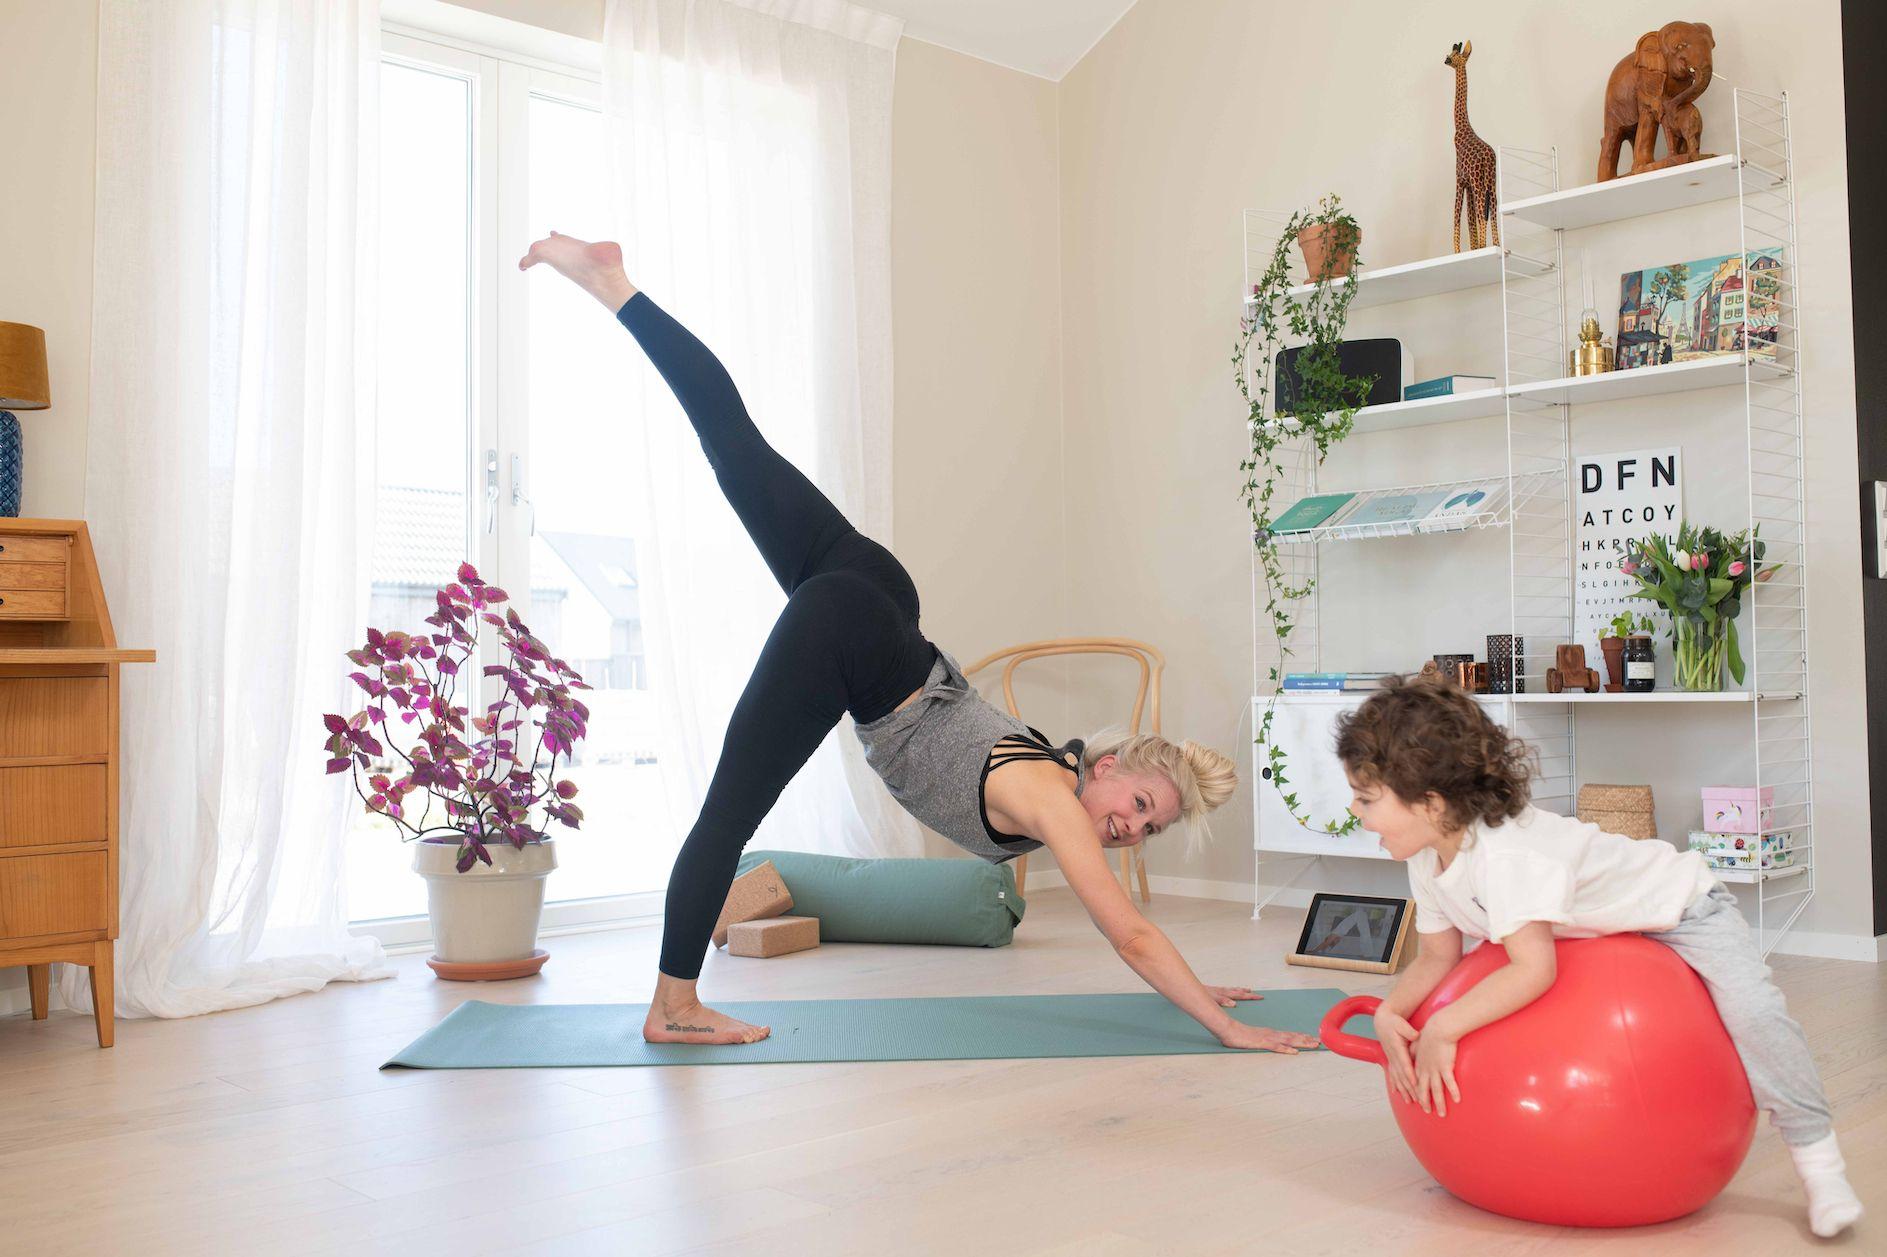 Yogobe & Teamkoncept Education<span>Yogobe erbjuder sin tjänst med videor och vägledning inom yoga, meditation, stresshantering och träning till Sveriges skolor. Detta är 100% subventionerat från Yogobe och Teamkoncept Education för att hjälpa såväl pedagoger som barn och ungdomar att må bra fysiskt och mentalt.</span>